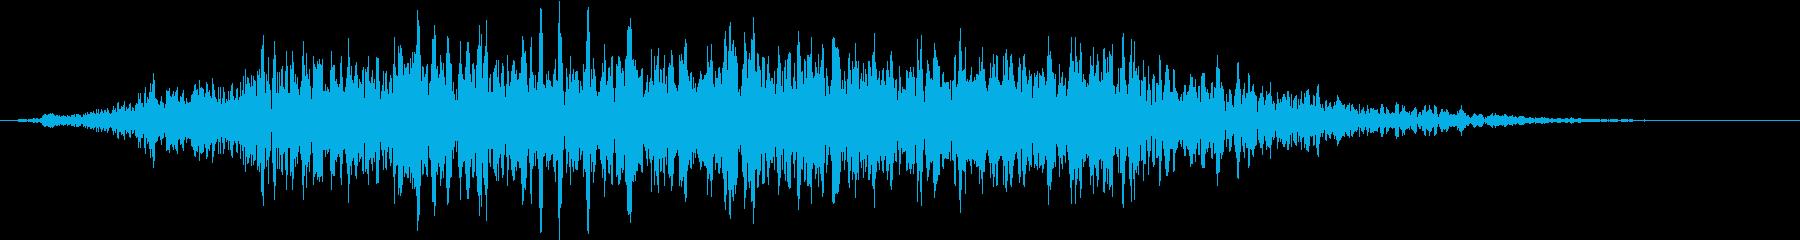 【ホラーゲーム】どんよりした空気の再生済みの波形